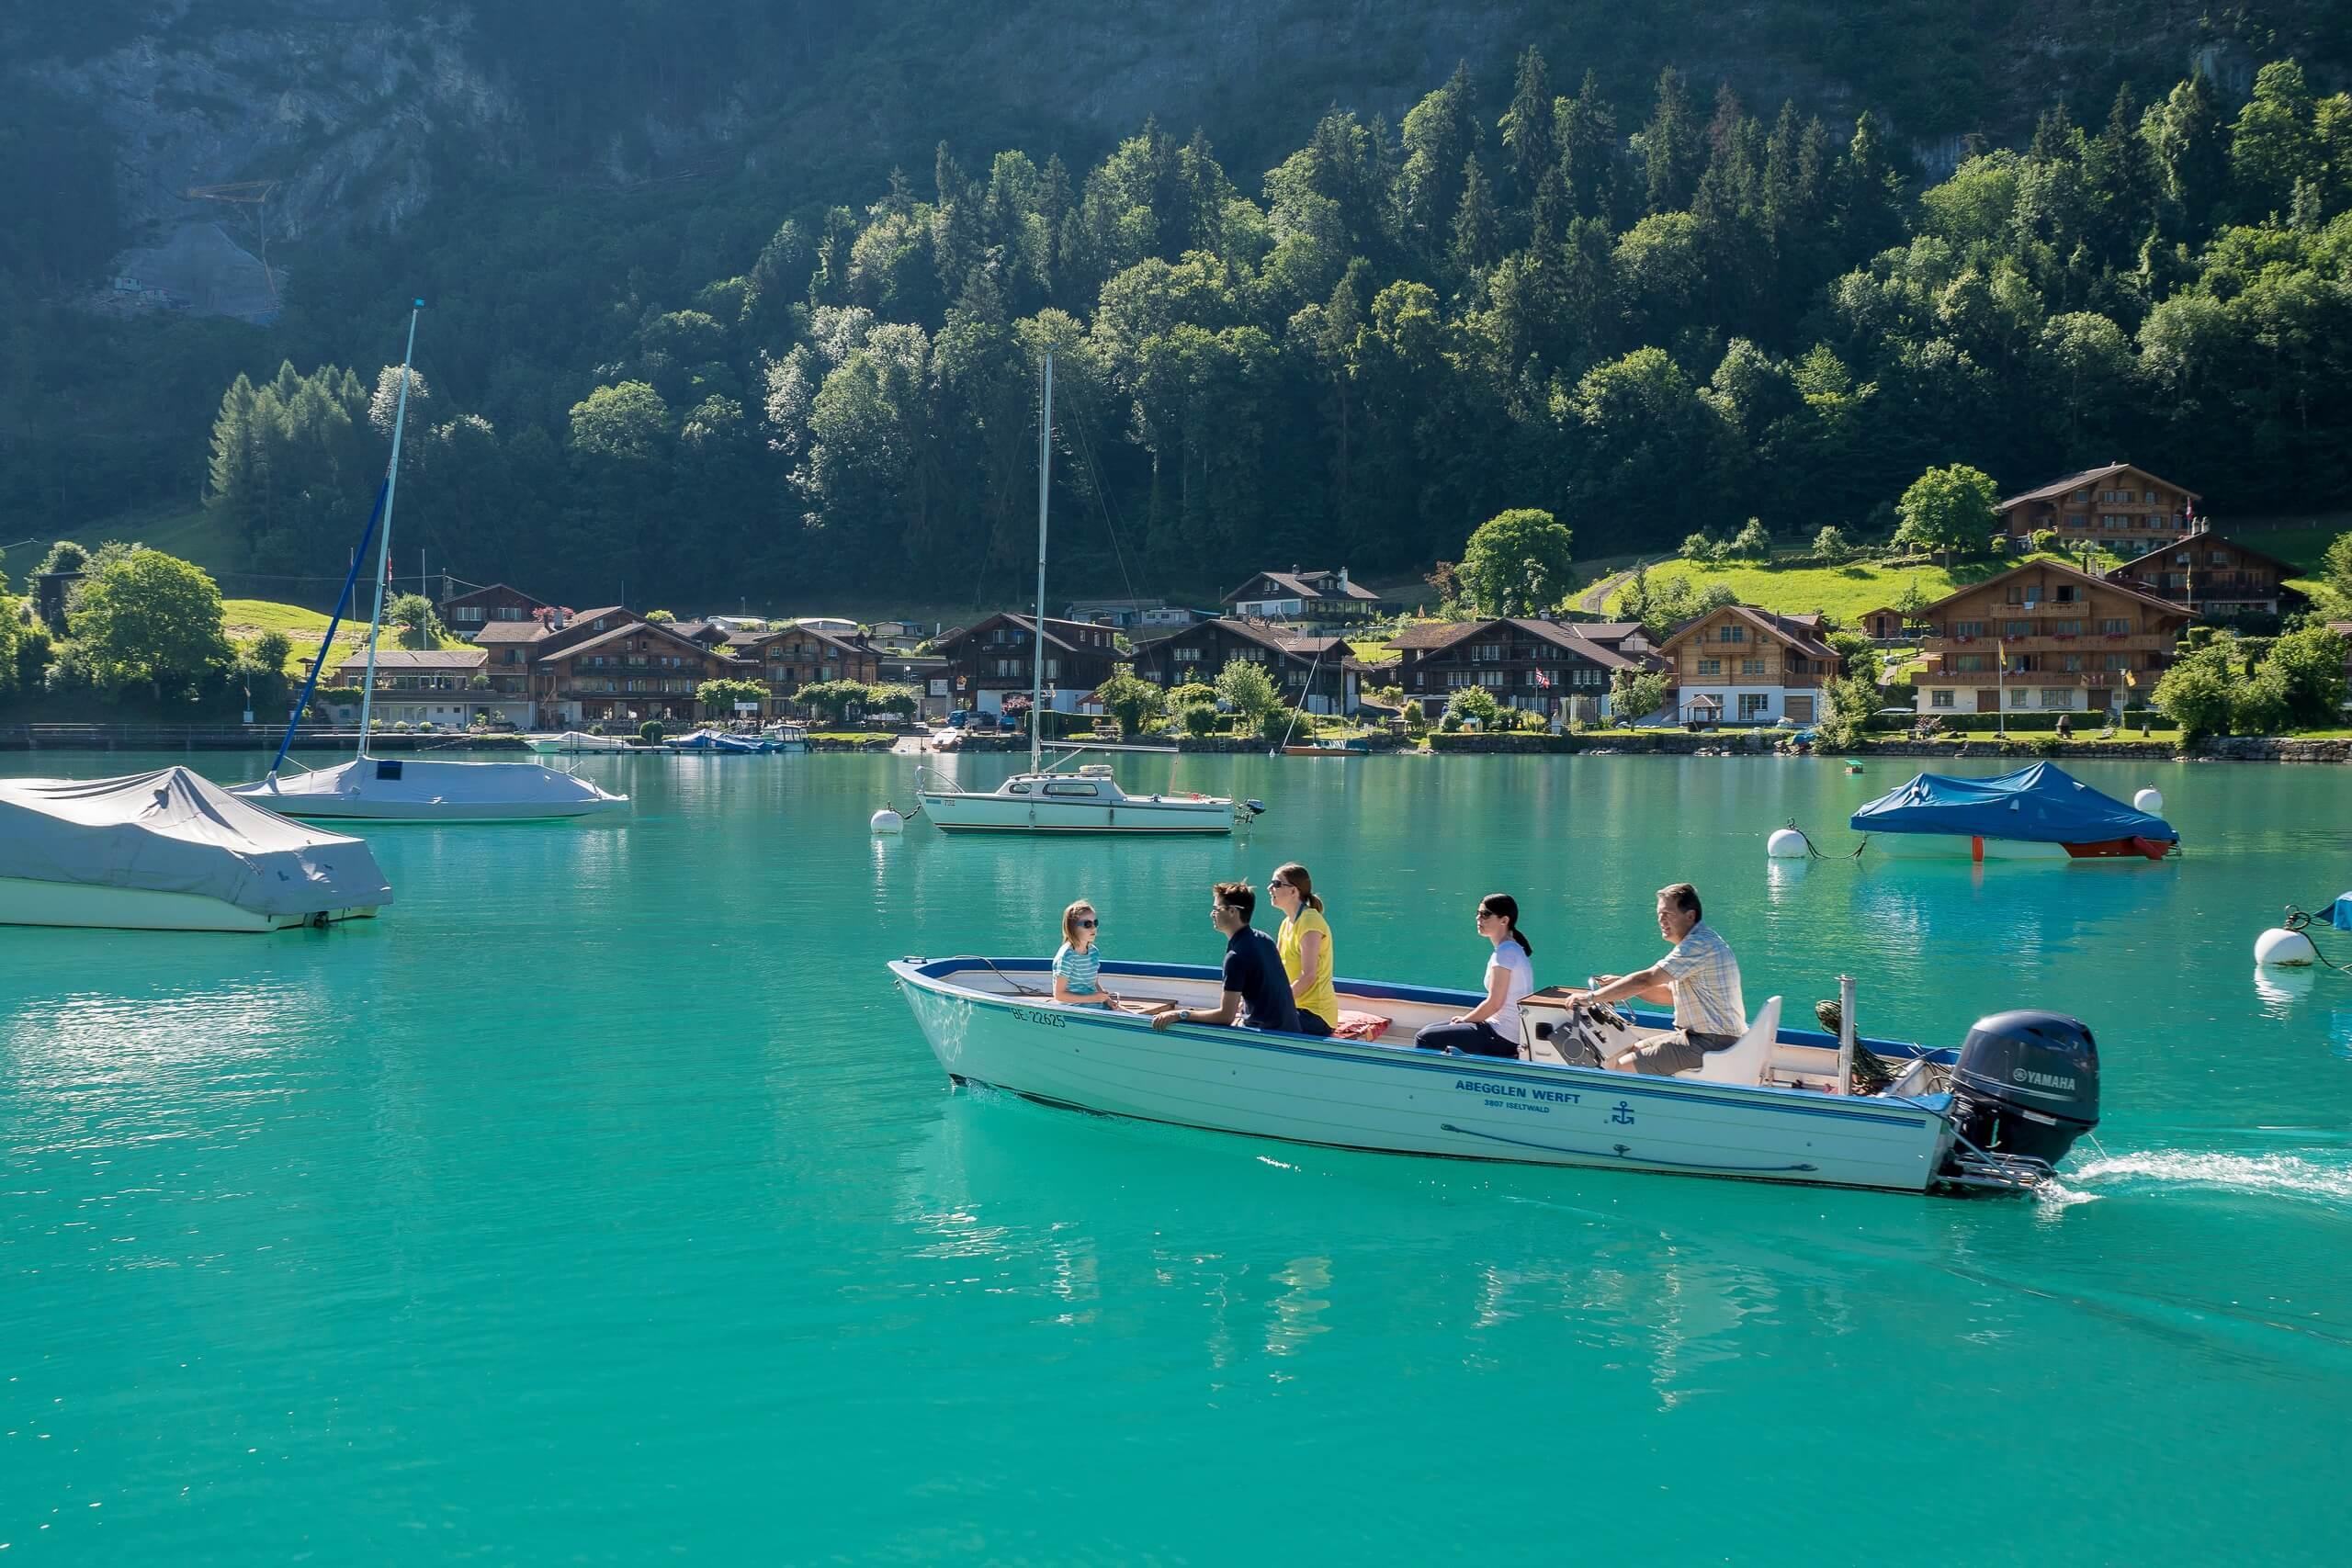 iseltwald-bootsvermietung-abegglen-werft-motorboot-sommer-familie